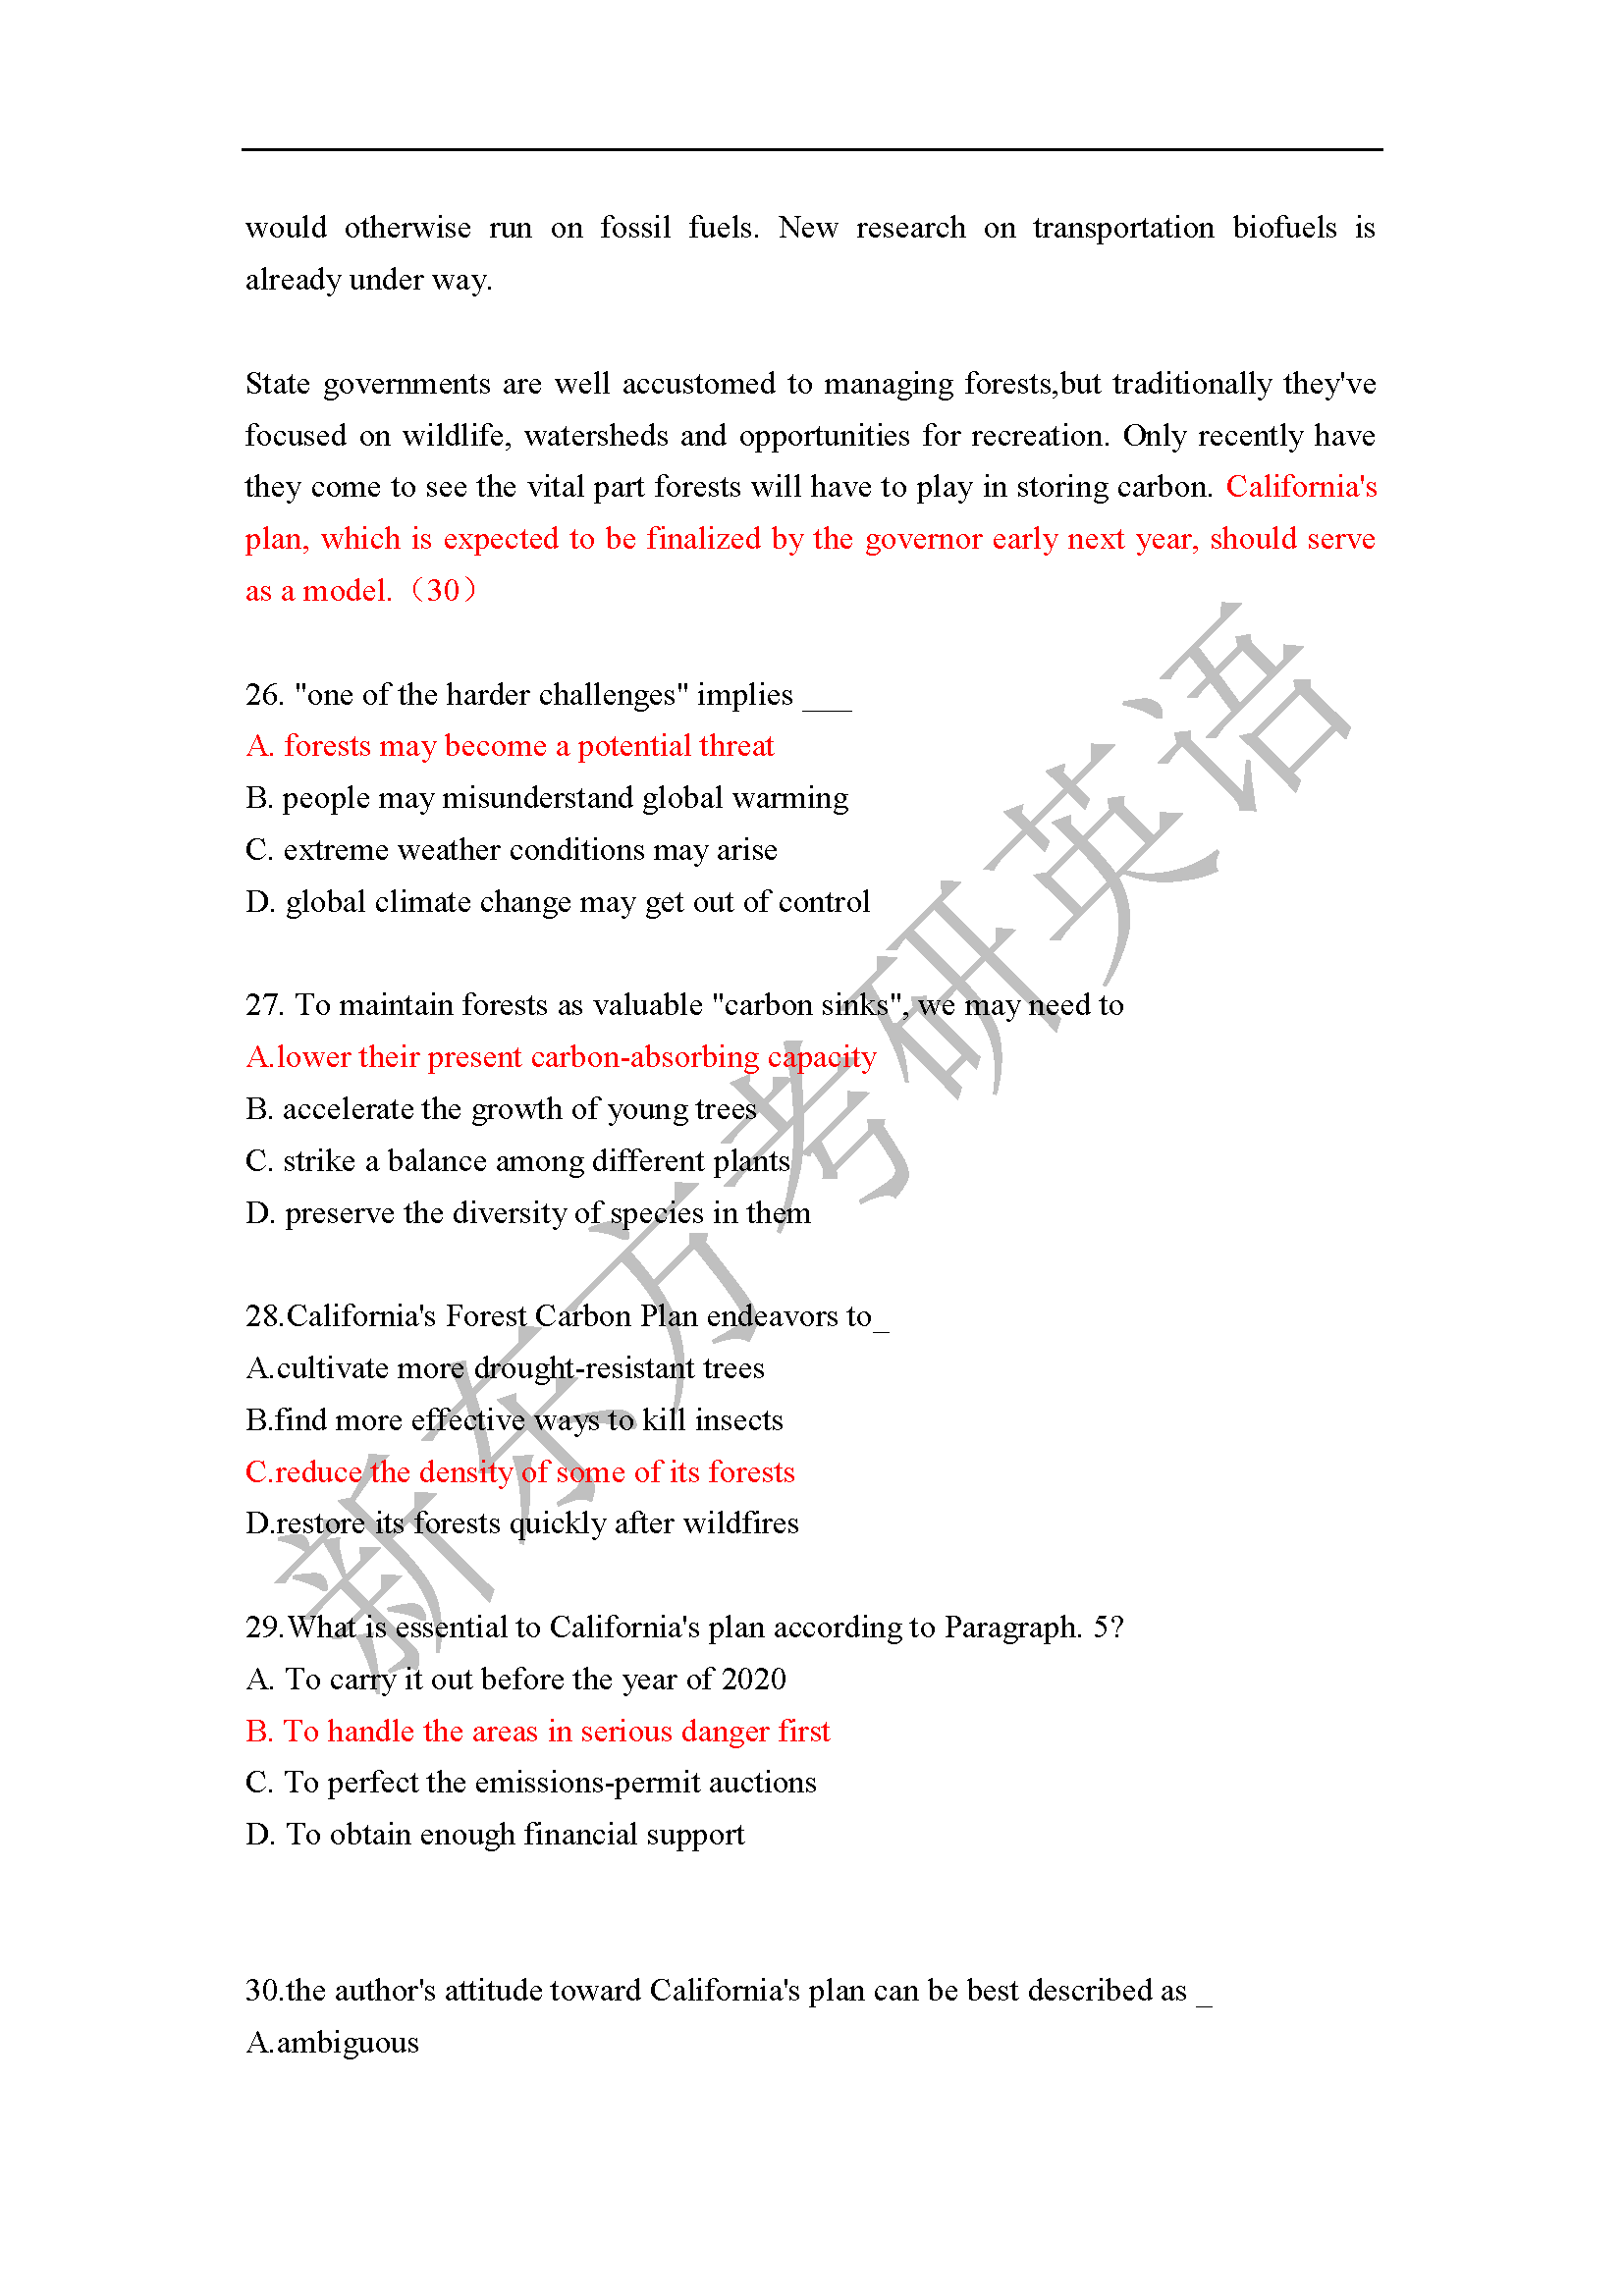 考研英语二答案